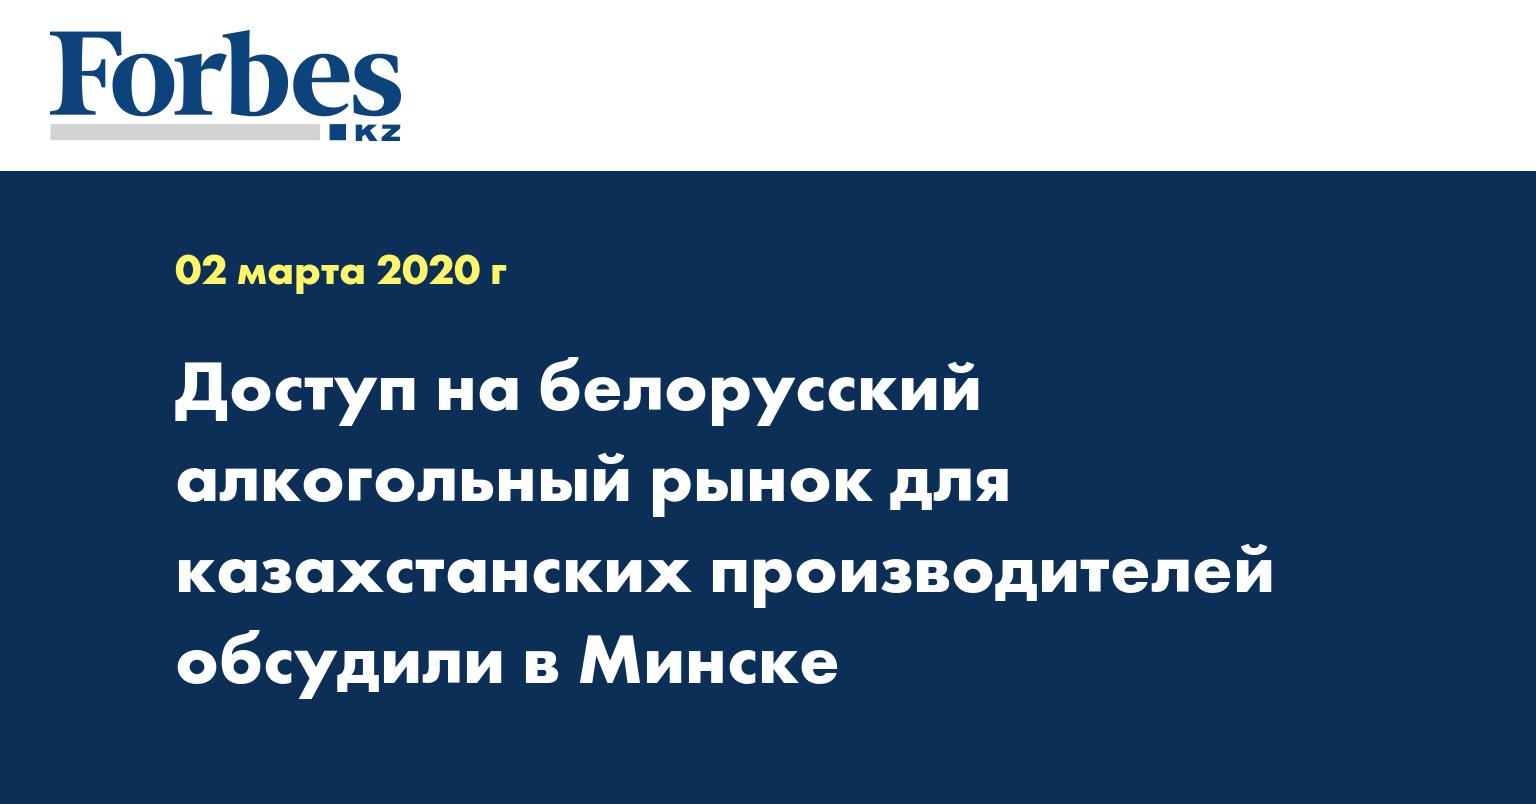 Доступ на белорусский алкогольный рынок для казахстанских производителей обсудили в Минске